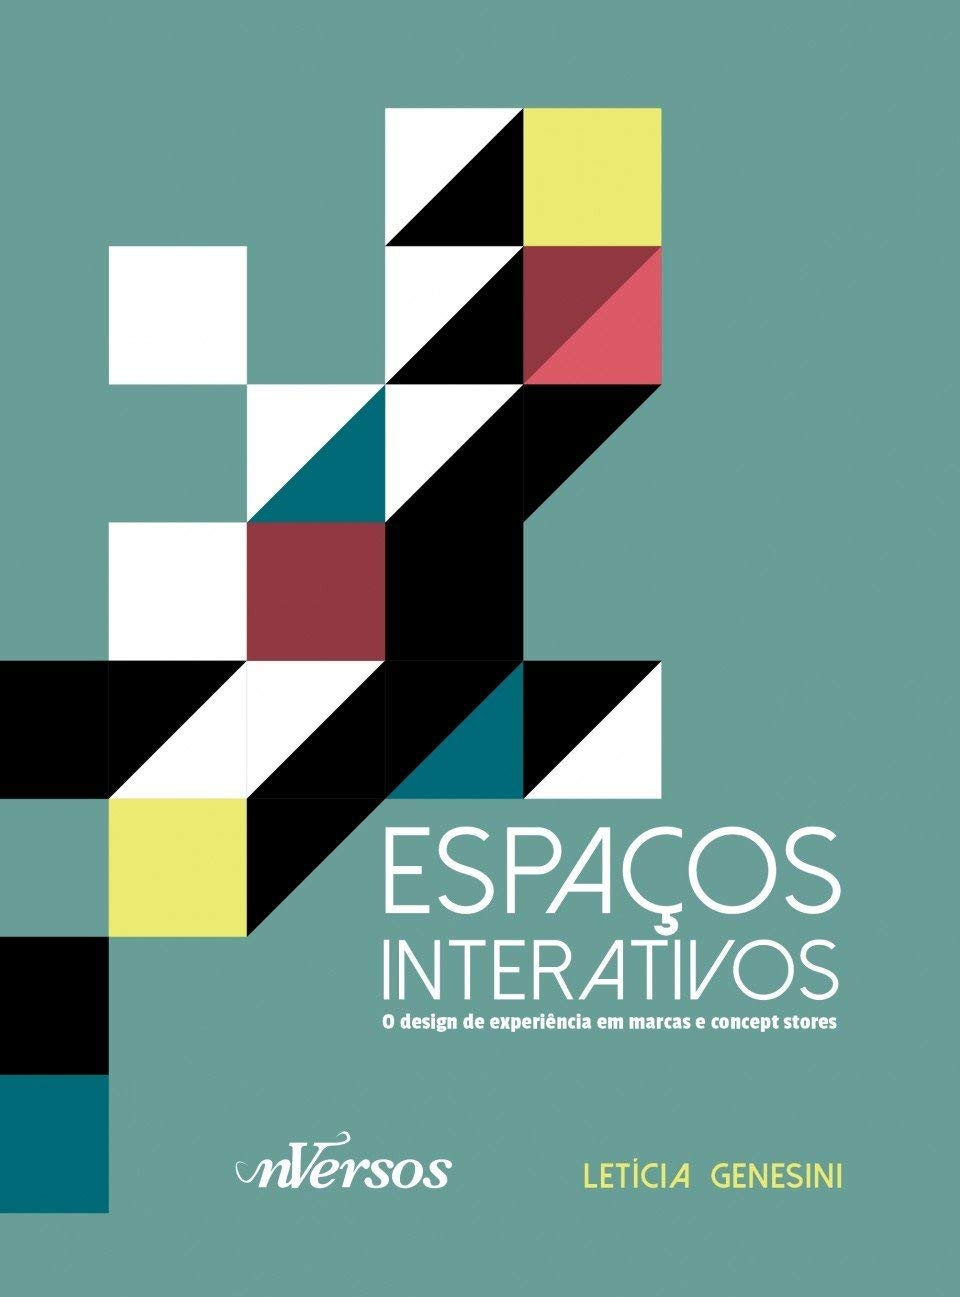 Espaços interativos: O design de experiência em marcas e